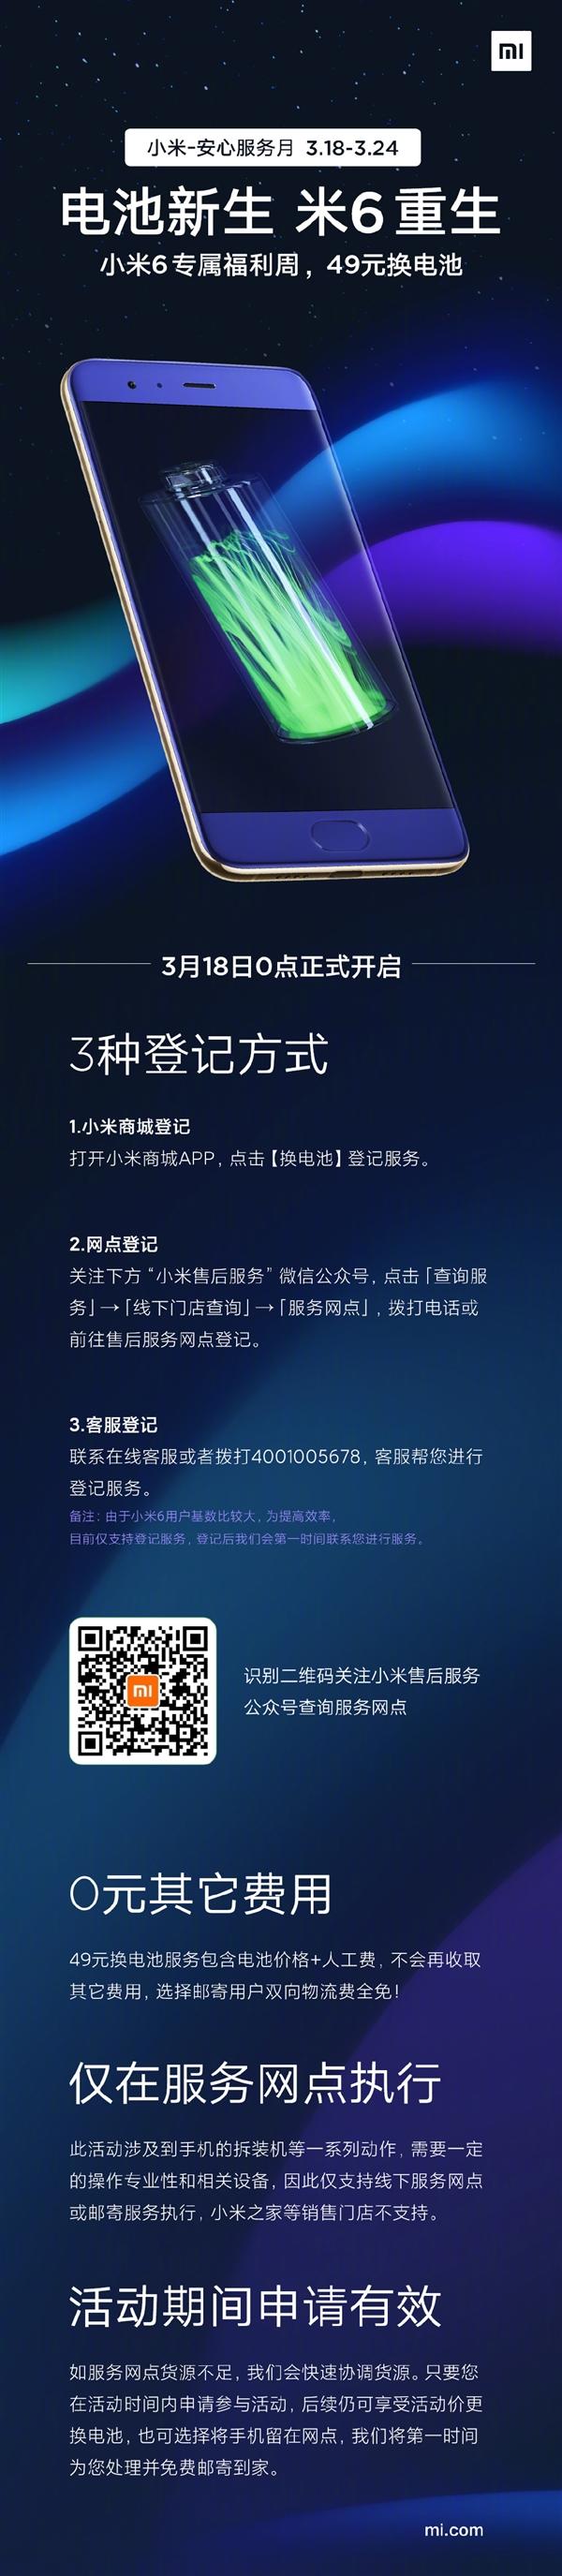 再战一年!小米6获新生:官方推出49元换电池服务